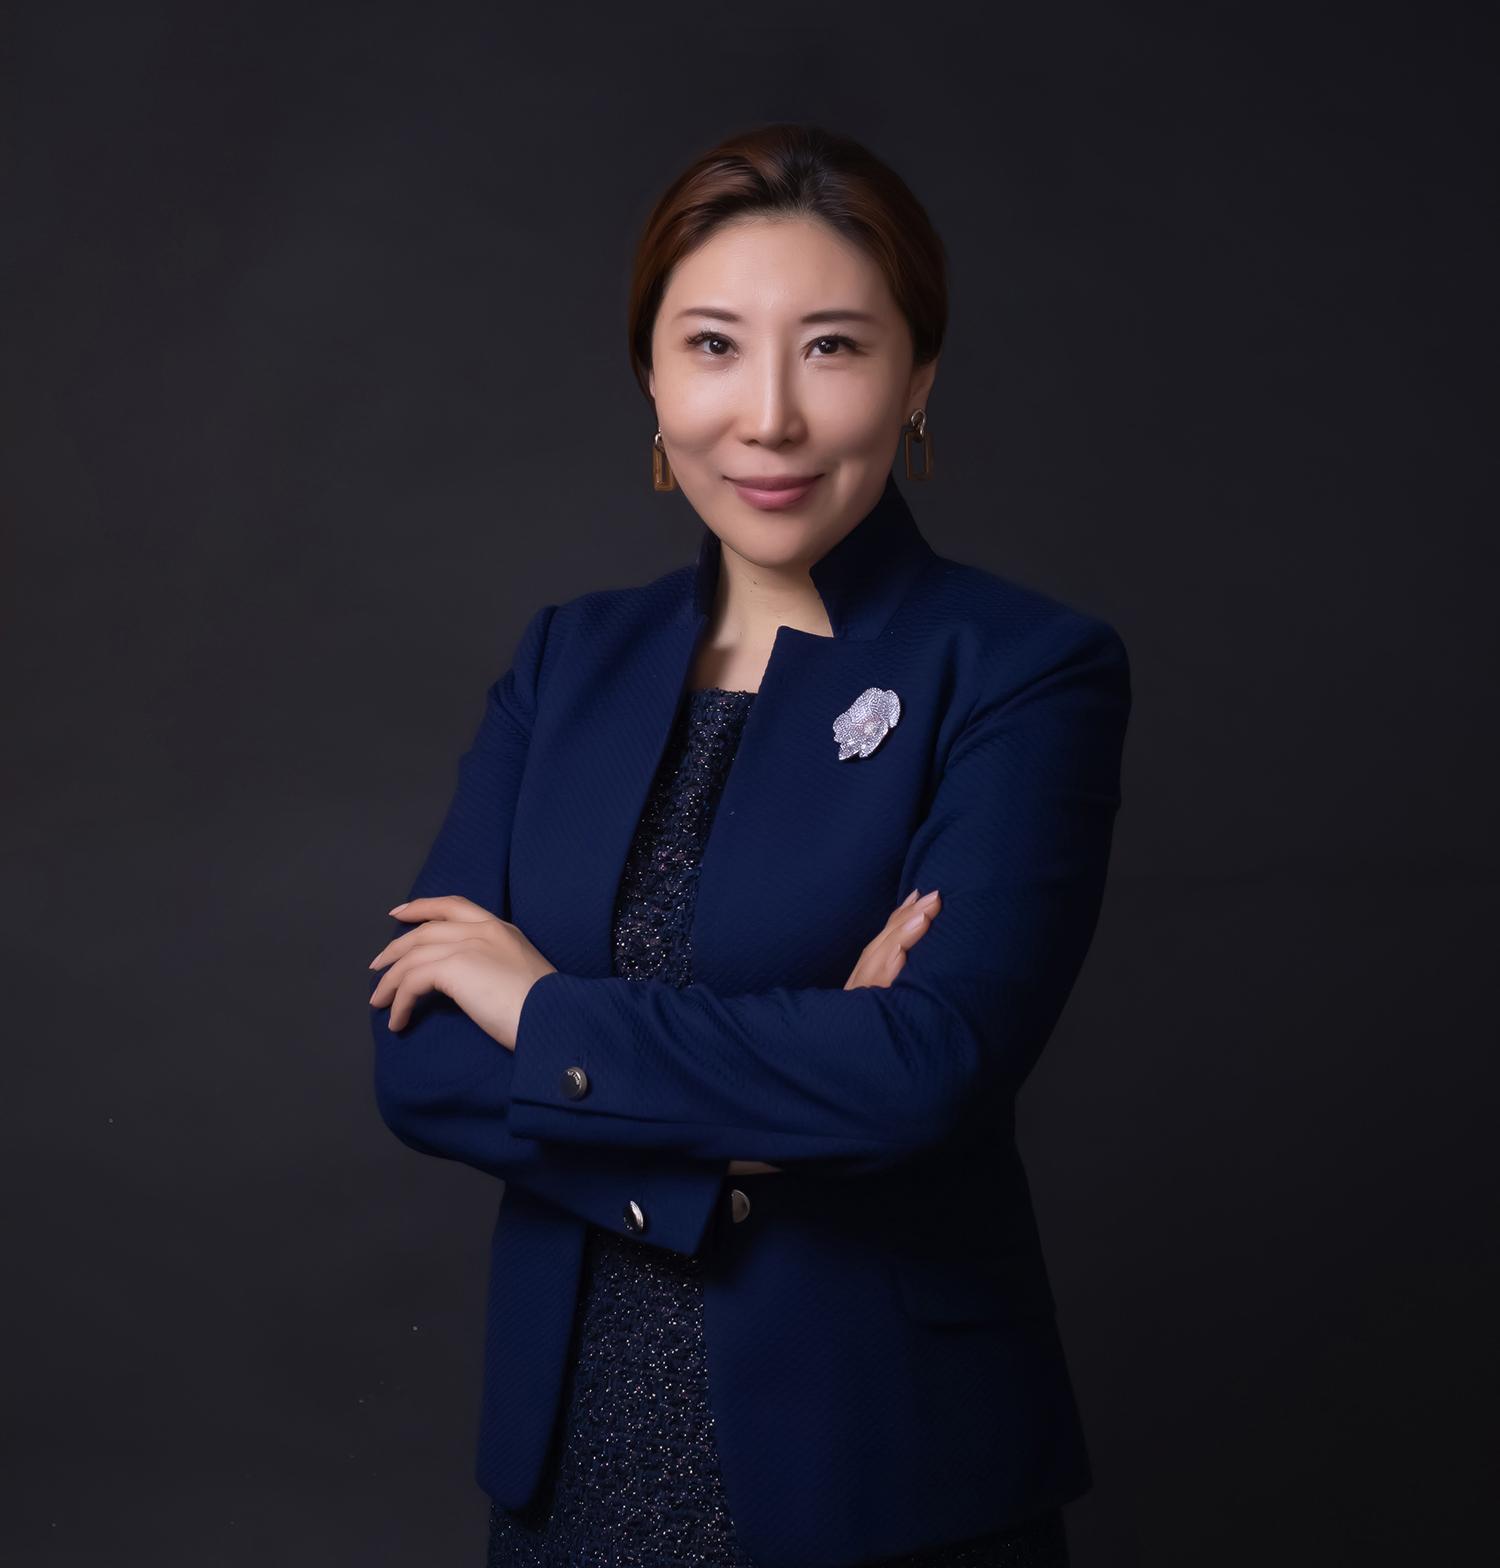 卸任中国公关副总裁 霍静即将离开福特中国